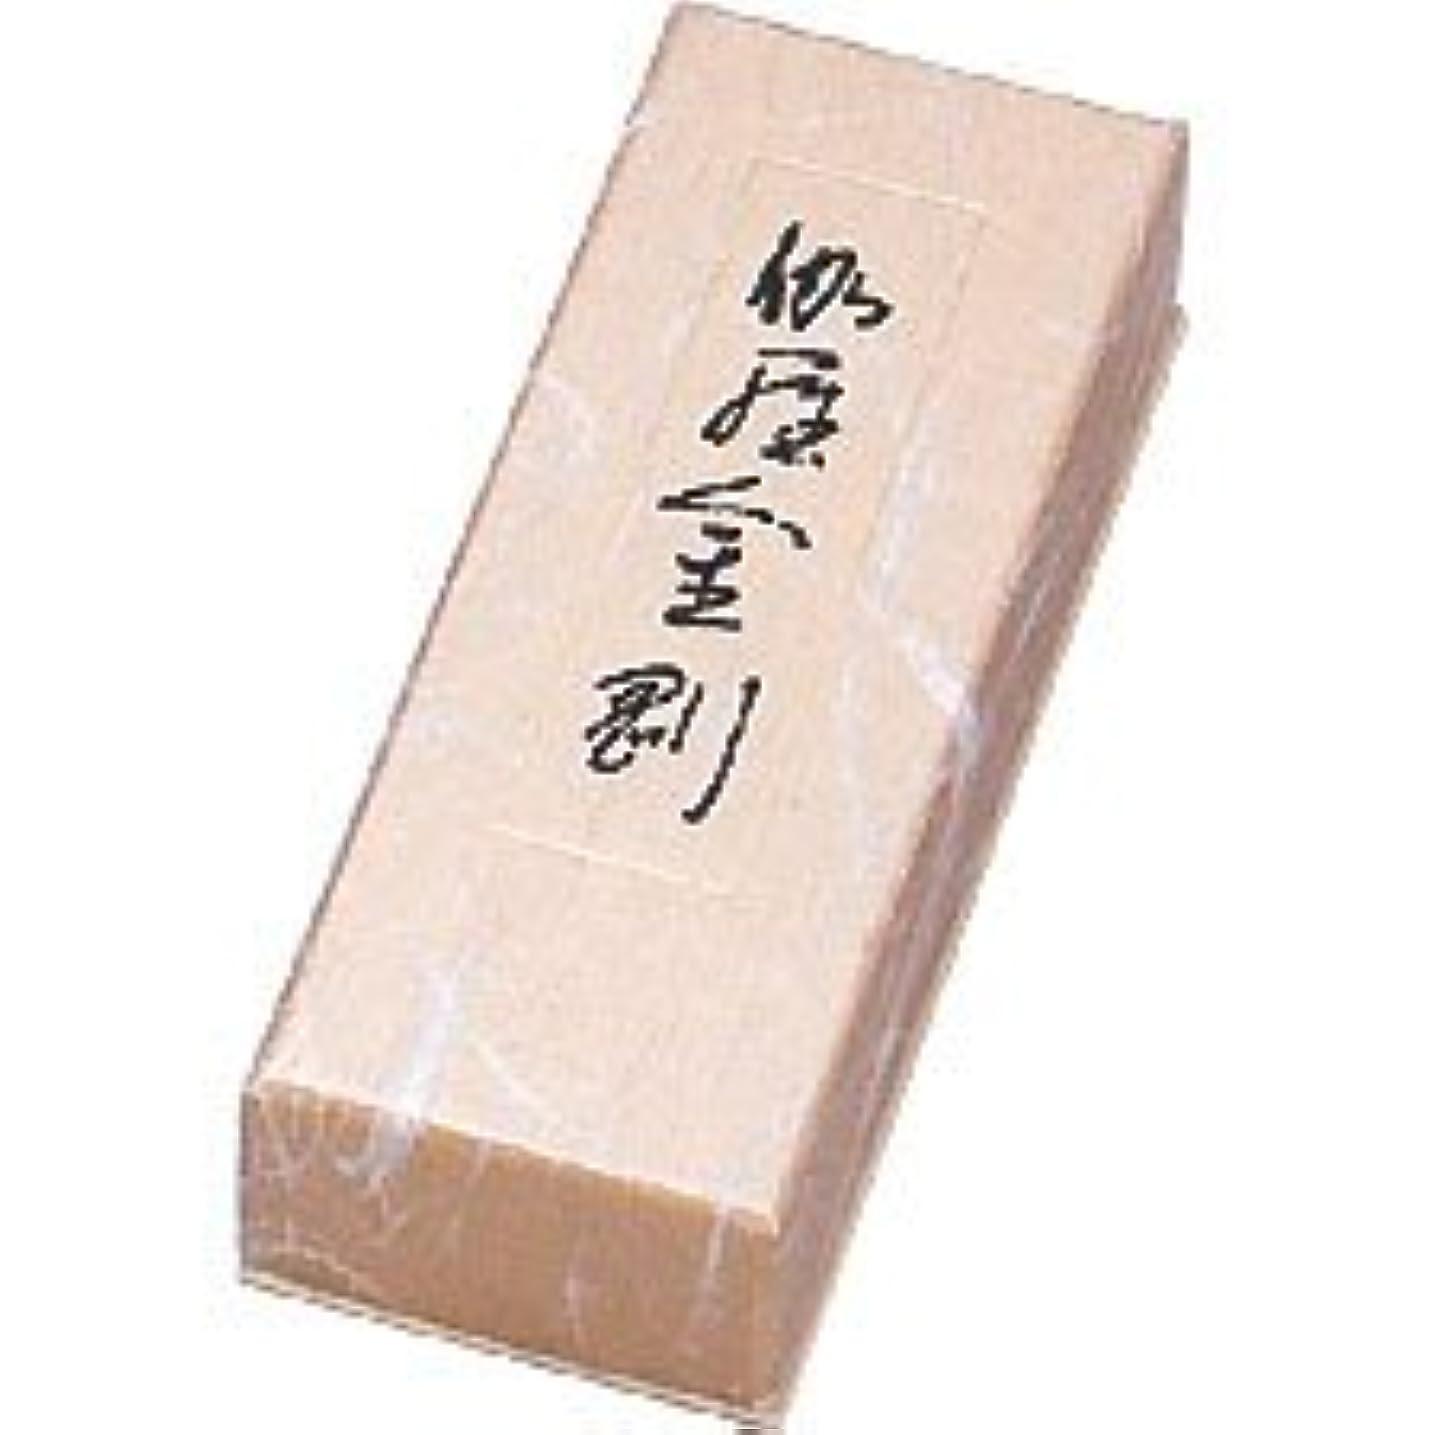 お手入れ日グリーンランドNippon Kodo – Kyara Kongo ( Selected Aloeswood150 sticks